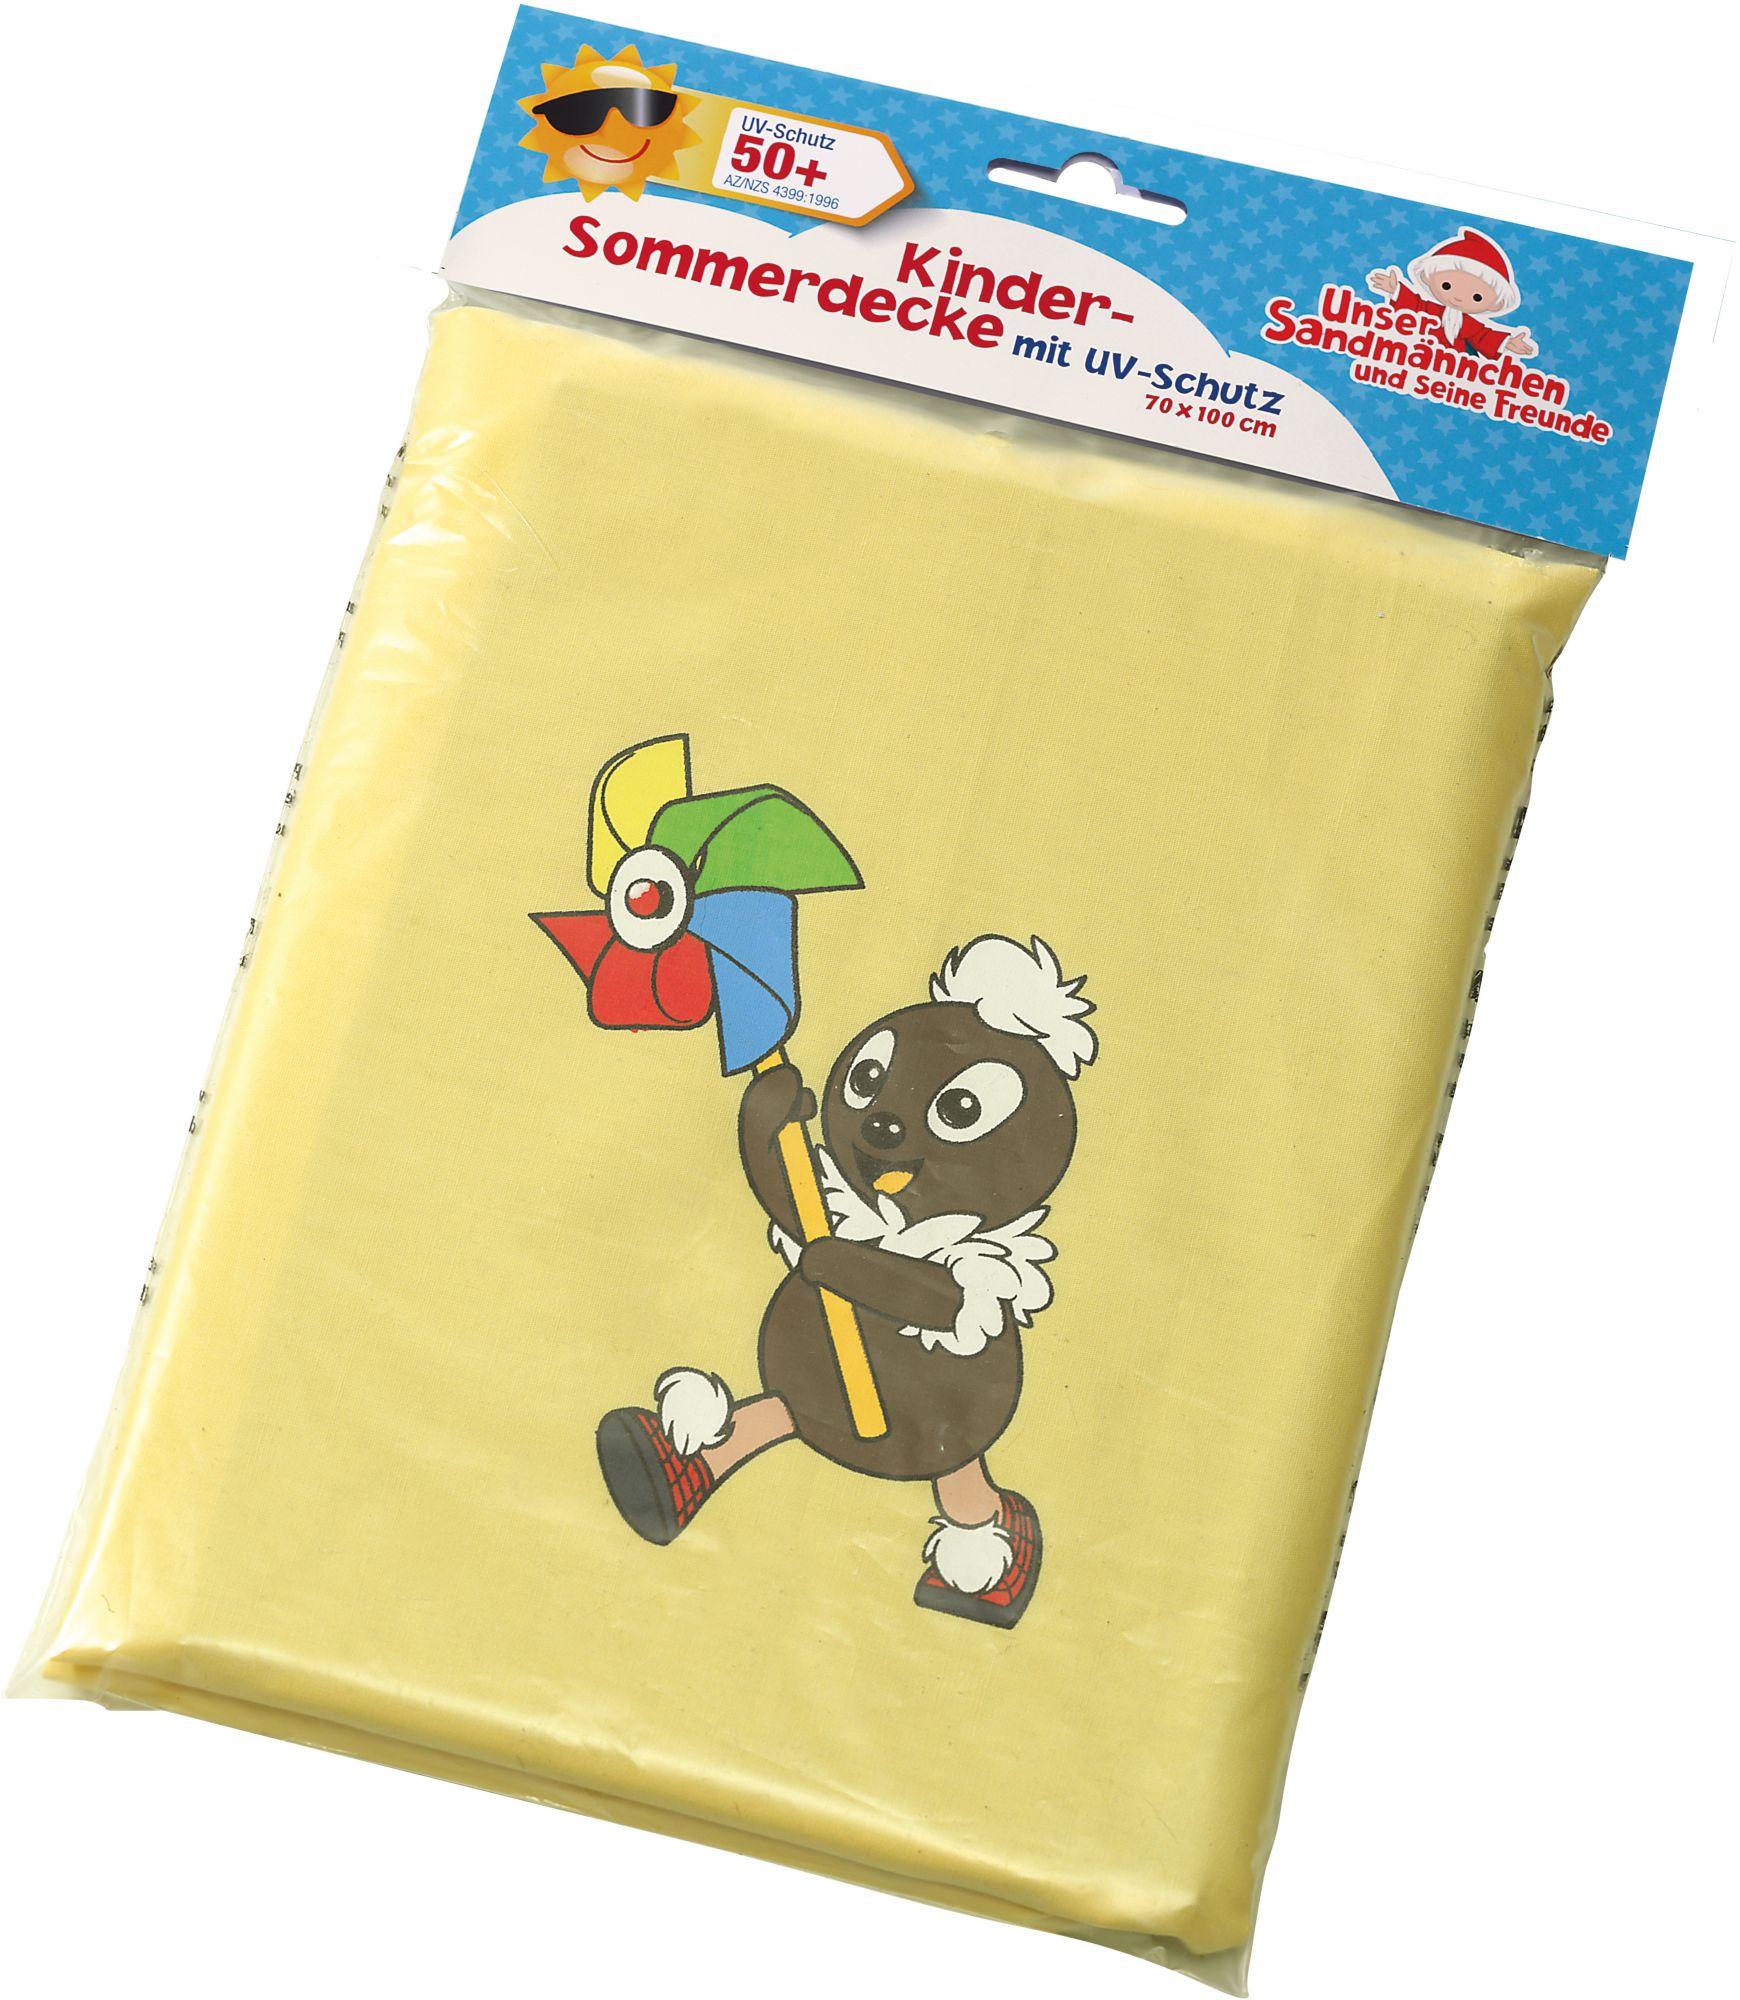 HEUNEC Heunec Kinder Sommerdecke mit Pittiplatsch Motiv, »Sandmann Sonnenschutzdecke UV Schutz 50+«